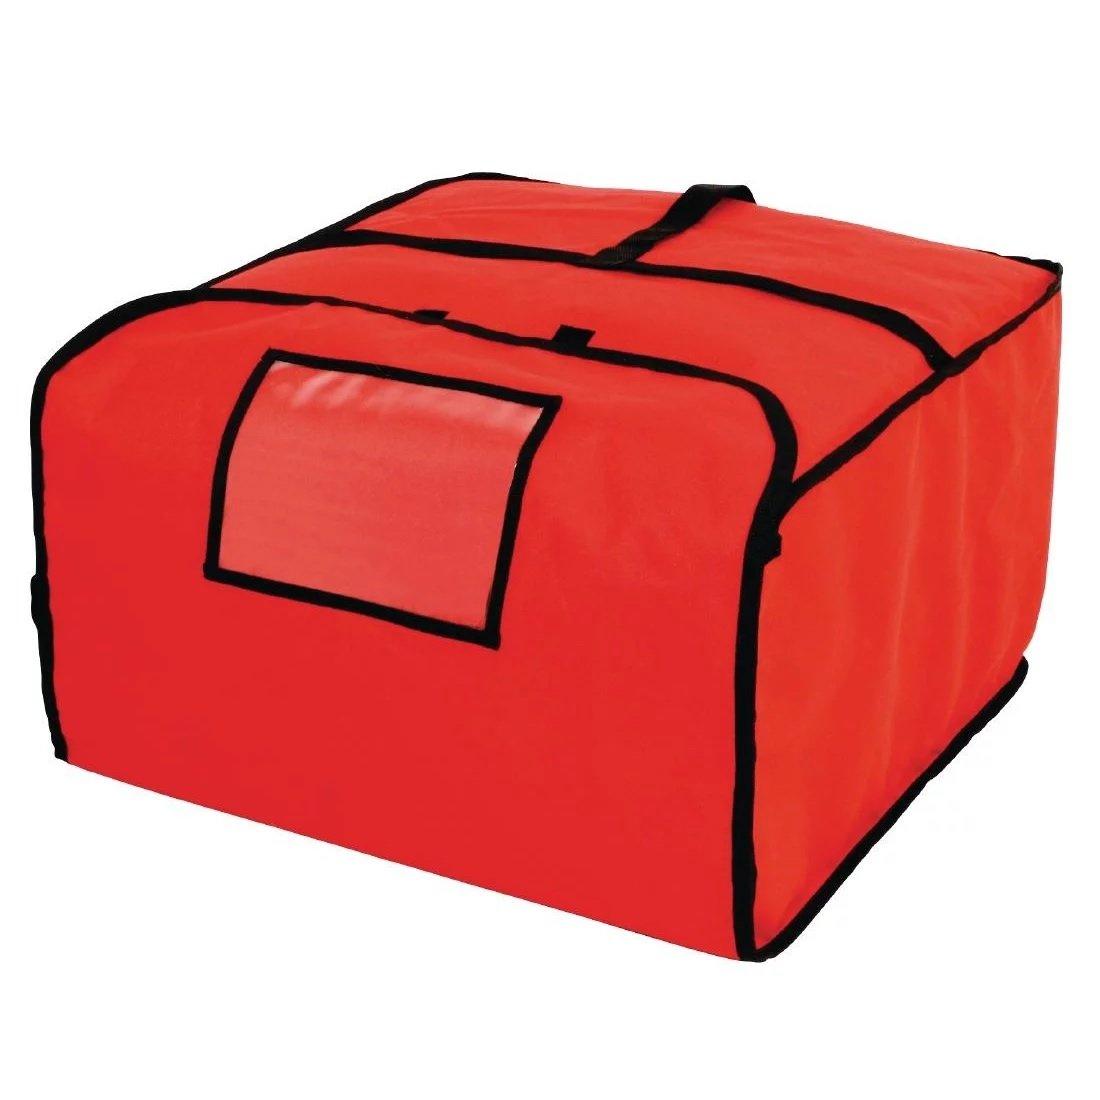 Chiner - Bolsas de reparto pizzas isotermicas (127*483*419 mm)